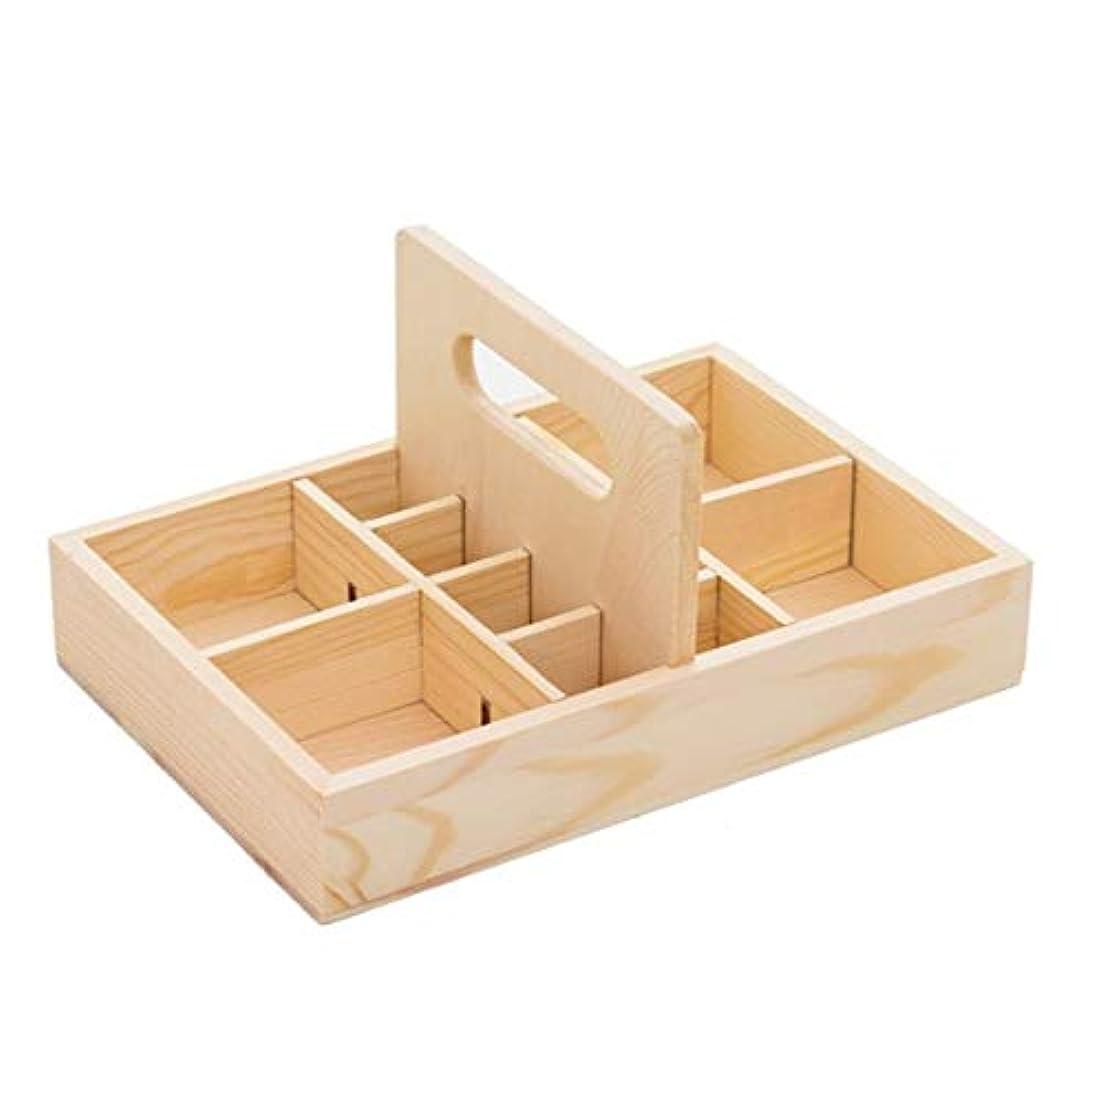 ペパーミント確保する抽象エッセンシャルオイルの保管 キャリー付きエッセンシャルオイルストレージボックスオーガナイザーは木製オイルケースホルダーをハンドル (色 : Natural, サイズ : 22X15X4.2CM)